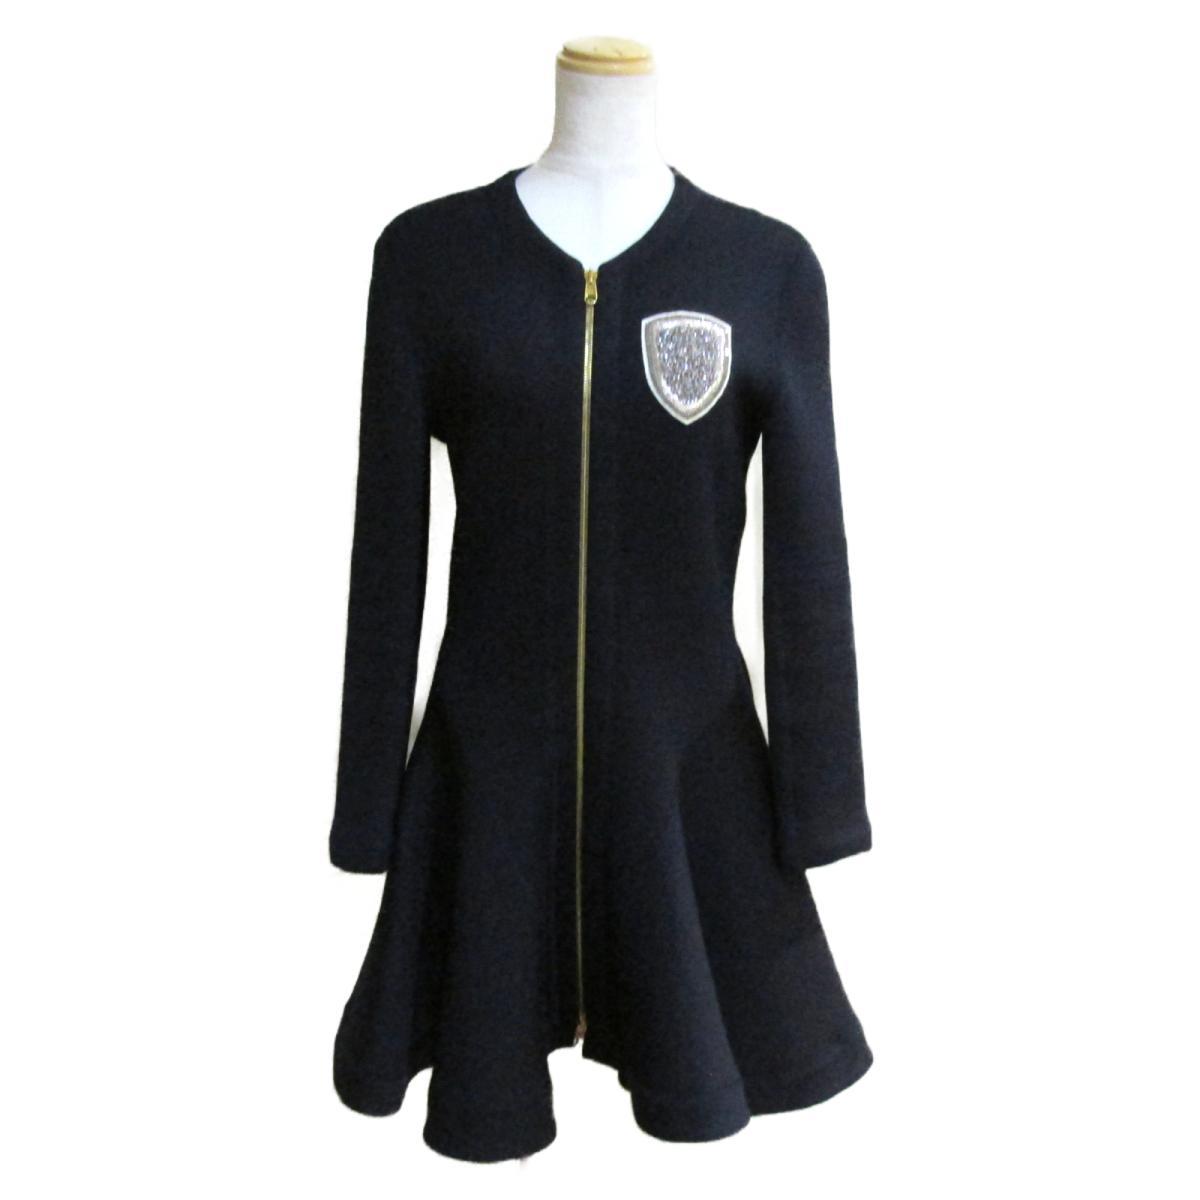 【中古】 クリスチャン・ディオール コート ドレス ワンピース レディース ウール x ポリエステル ネイビー | Dior BRANDOFF ブランドオフ 衣料品 衣類 ブランド